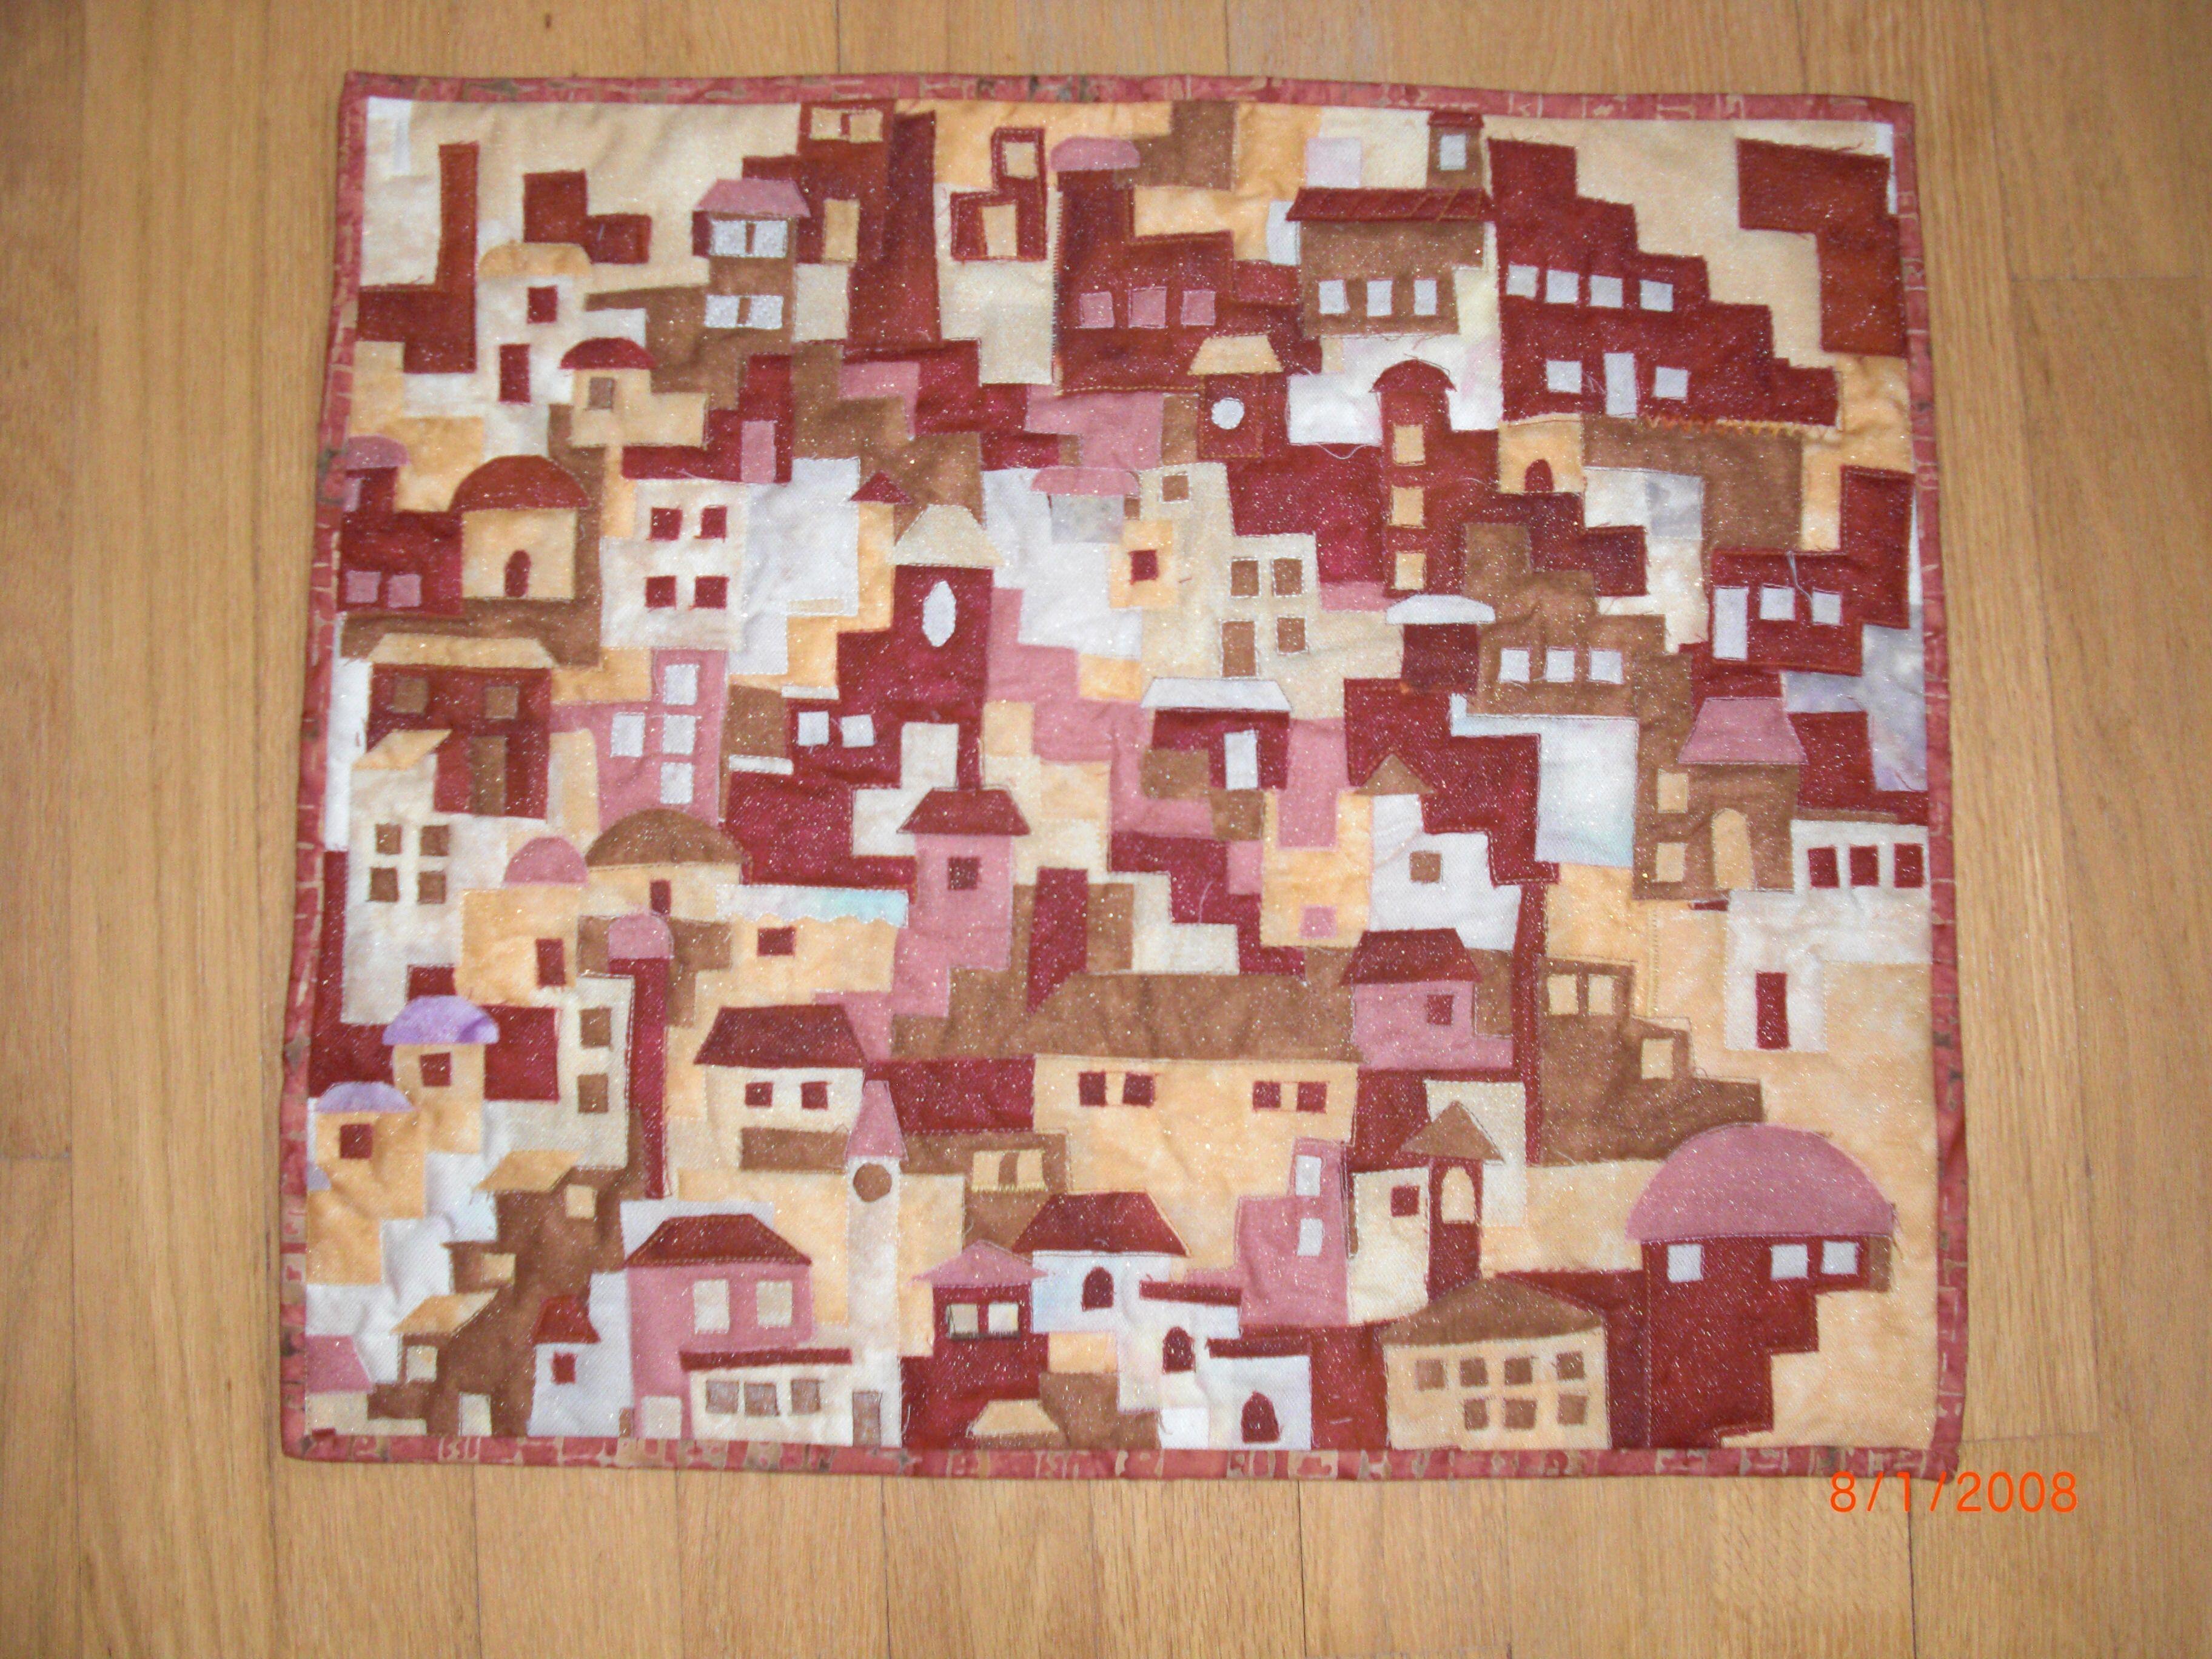 A Karen Eckmeier pattern